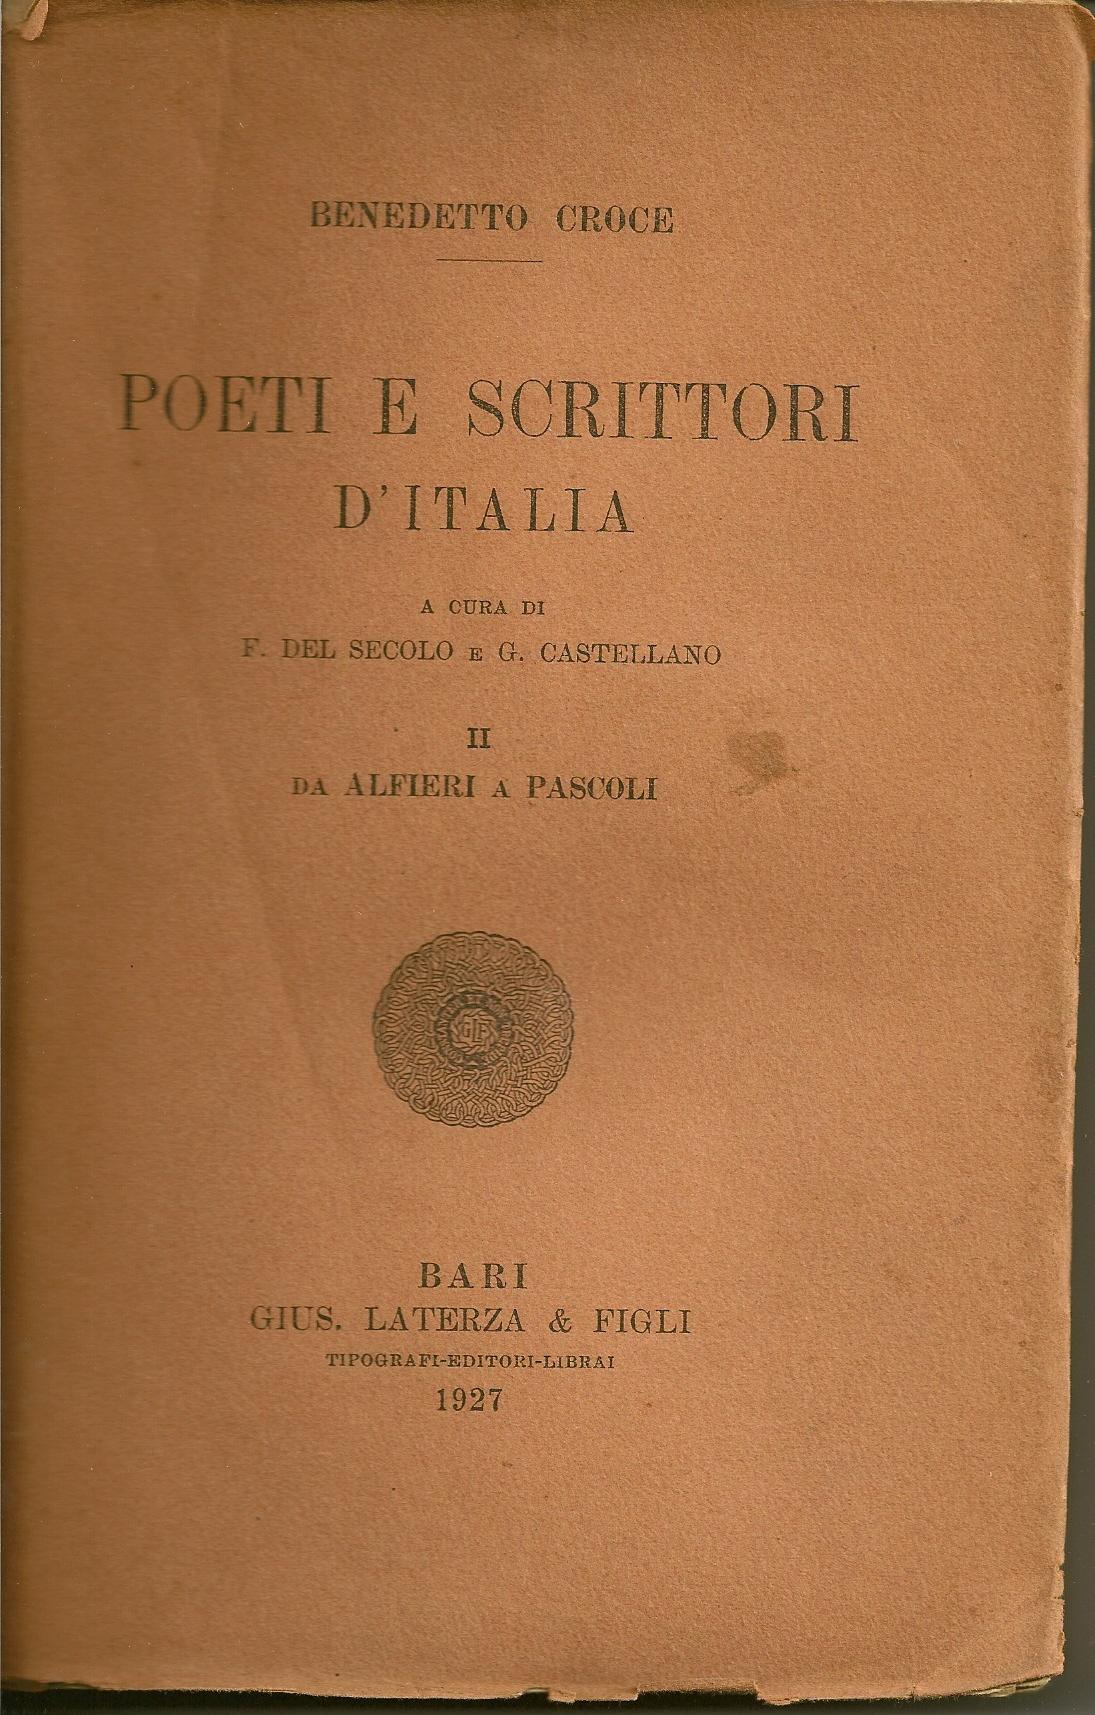 Poeti e scrittori d'...